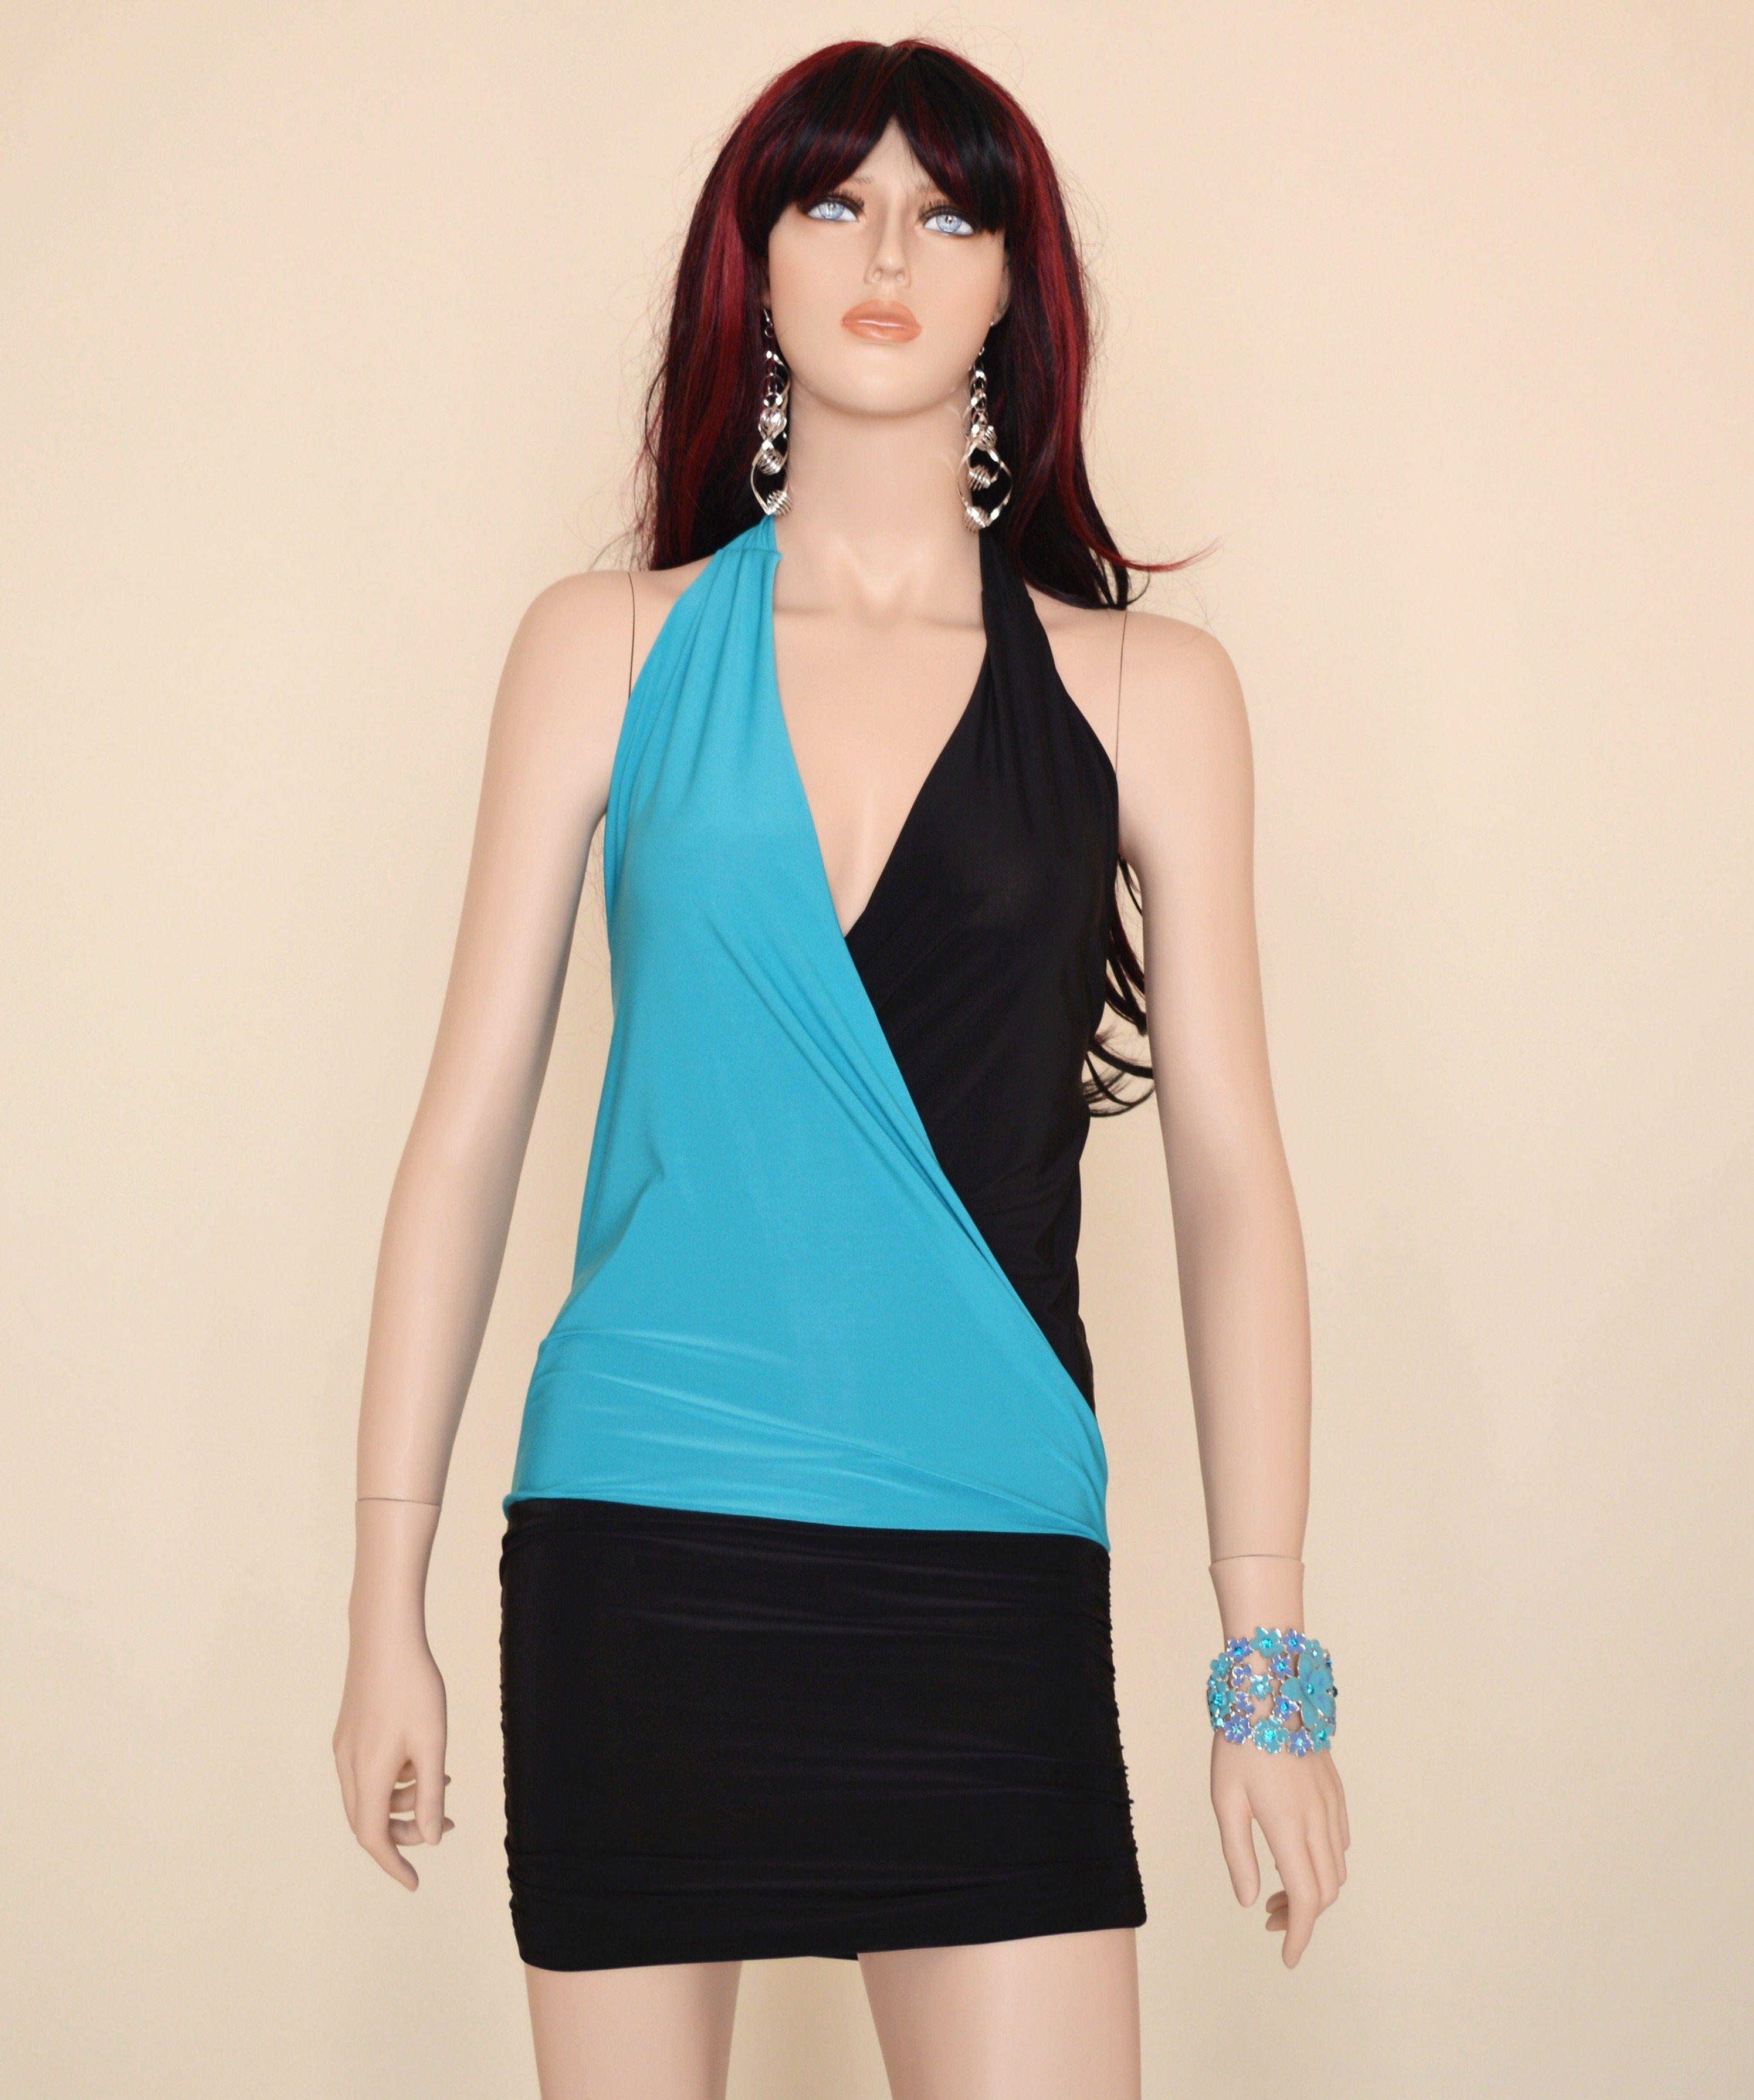 http://www.miss-sexy.it/compra/abito-lungo-donna-vestito-nero-grigio-elegante-cerimonia-fascia-di-2574476